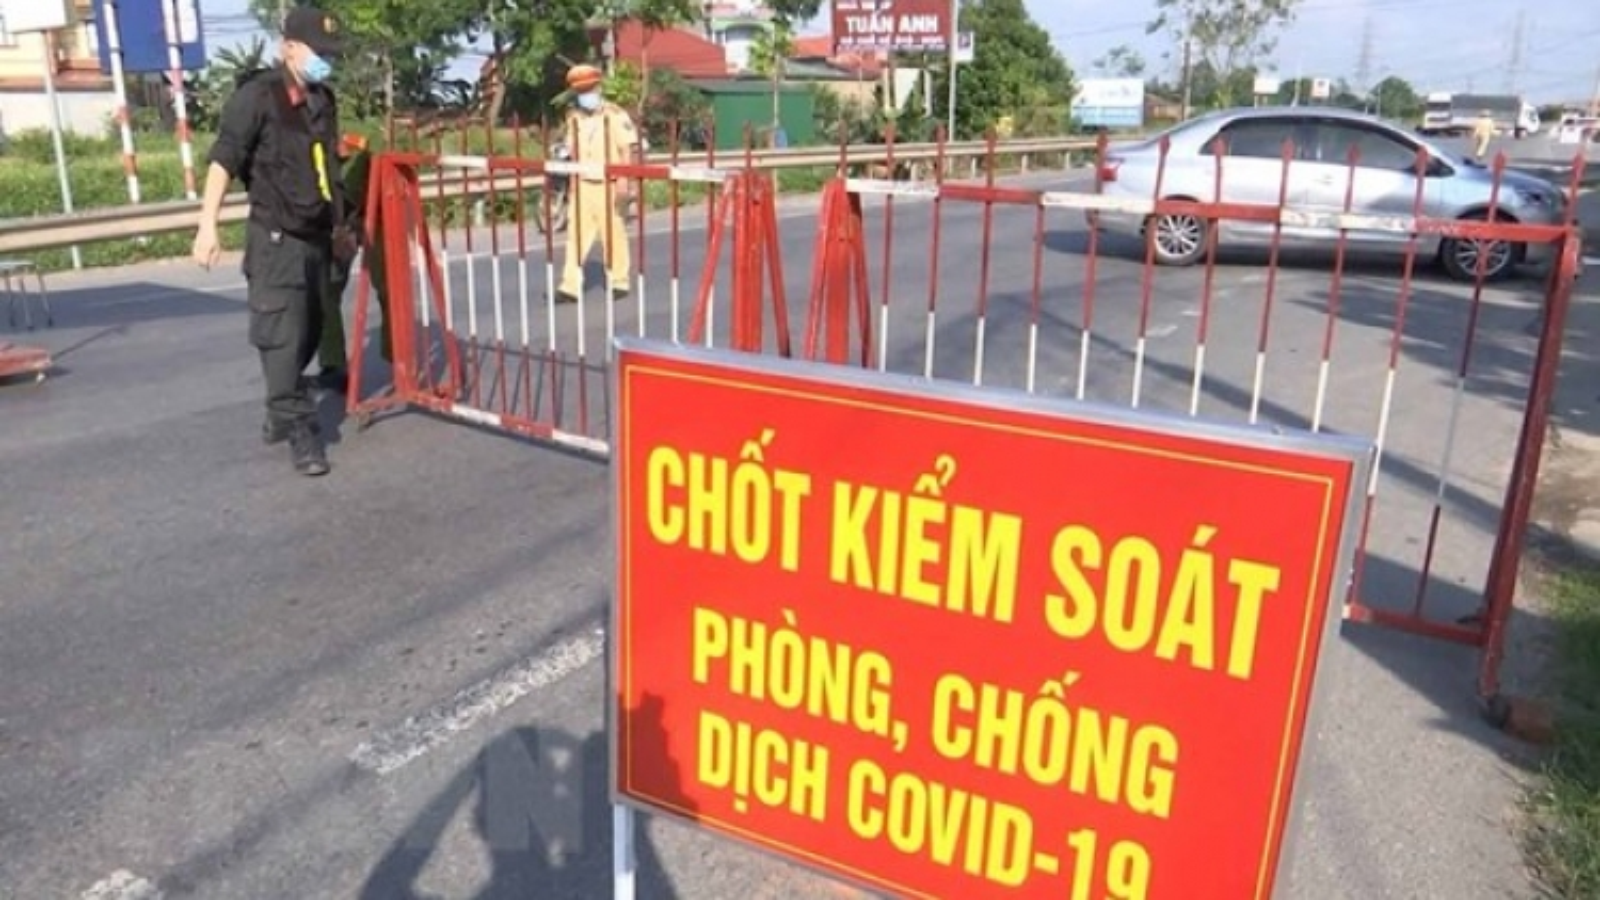 Bắc Ninh phát hiện chùm 17 ca COVID-19 trong cộng đồng ở Thuận Thành